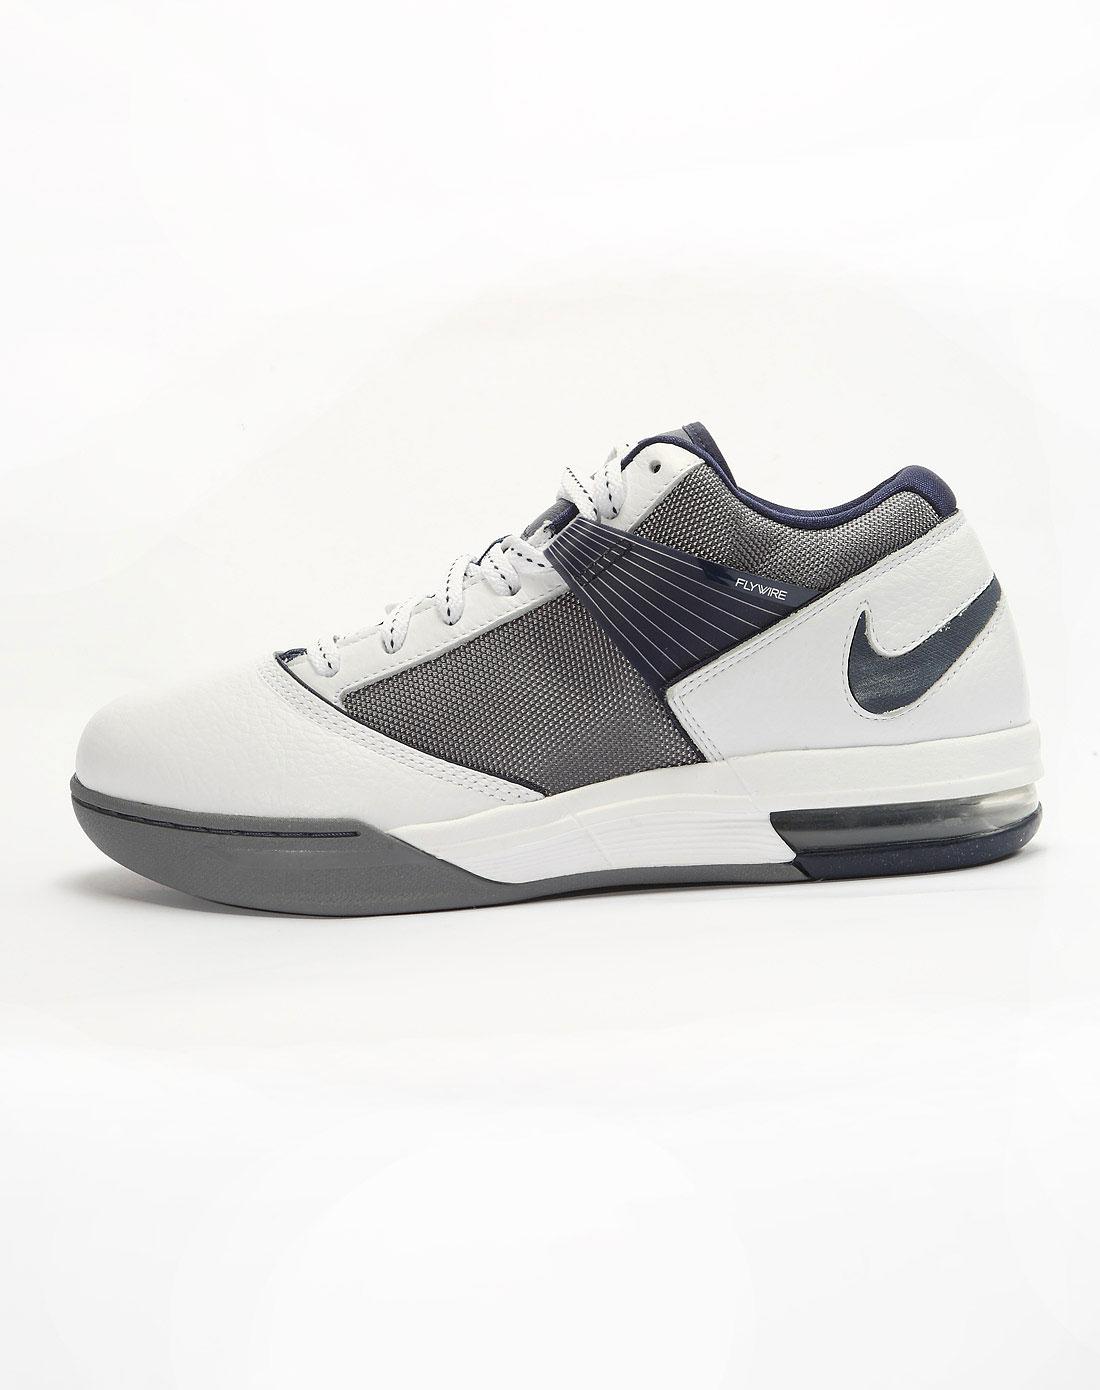 耐克nike-男子白色篮球鞋415142-106